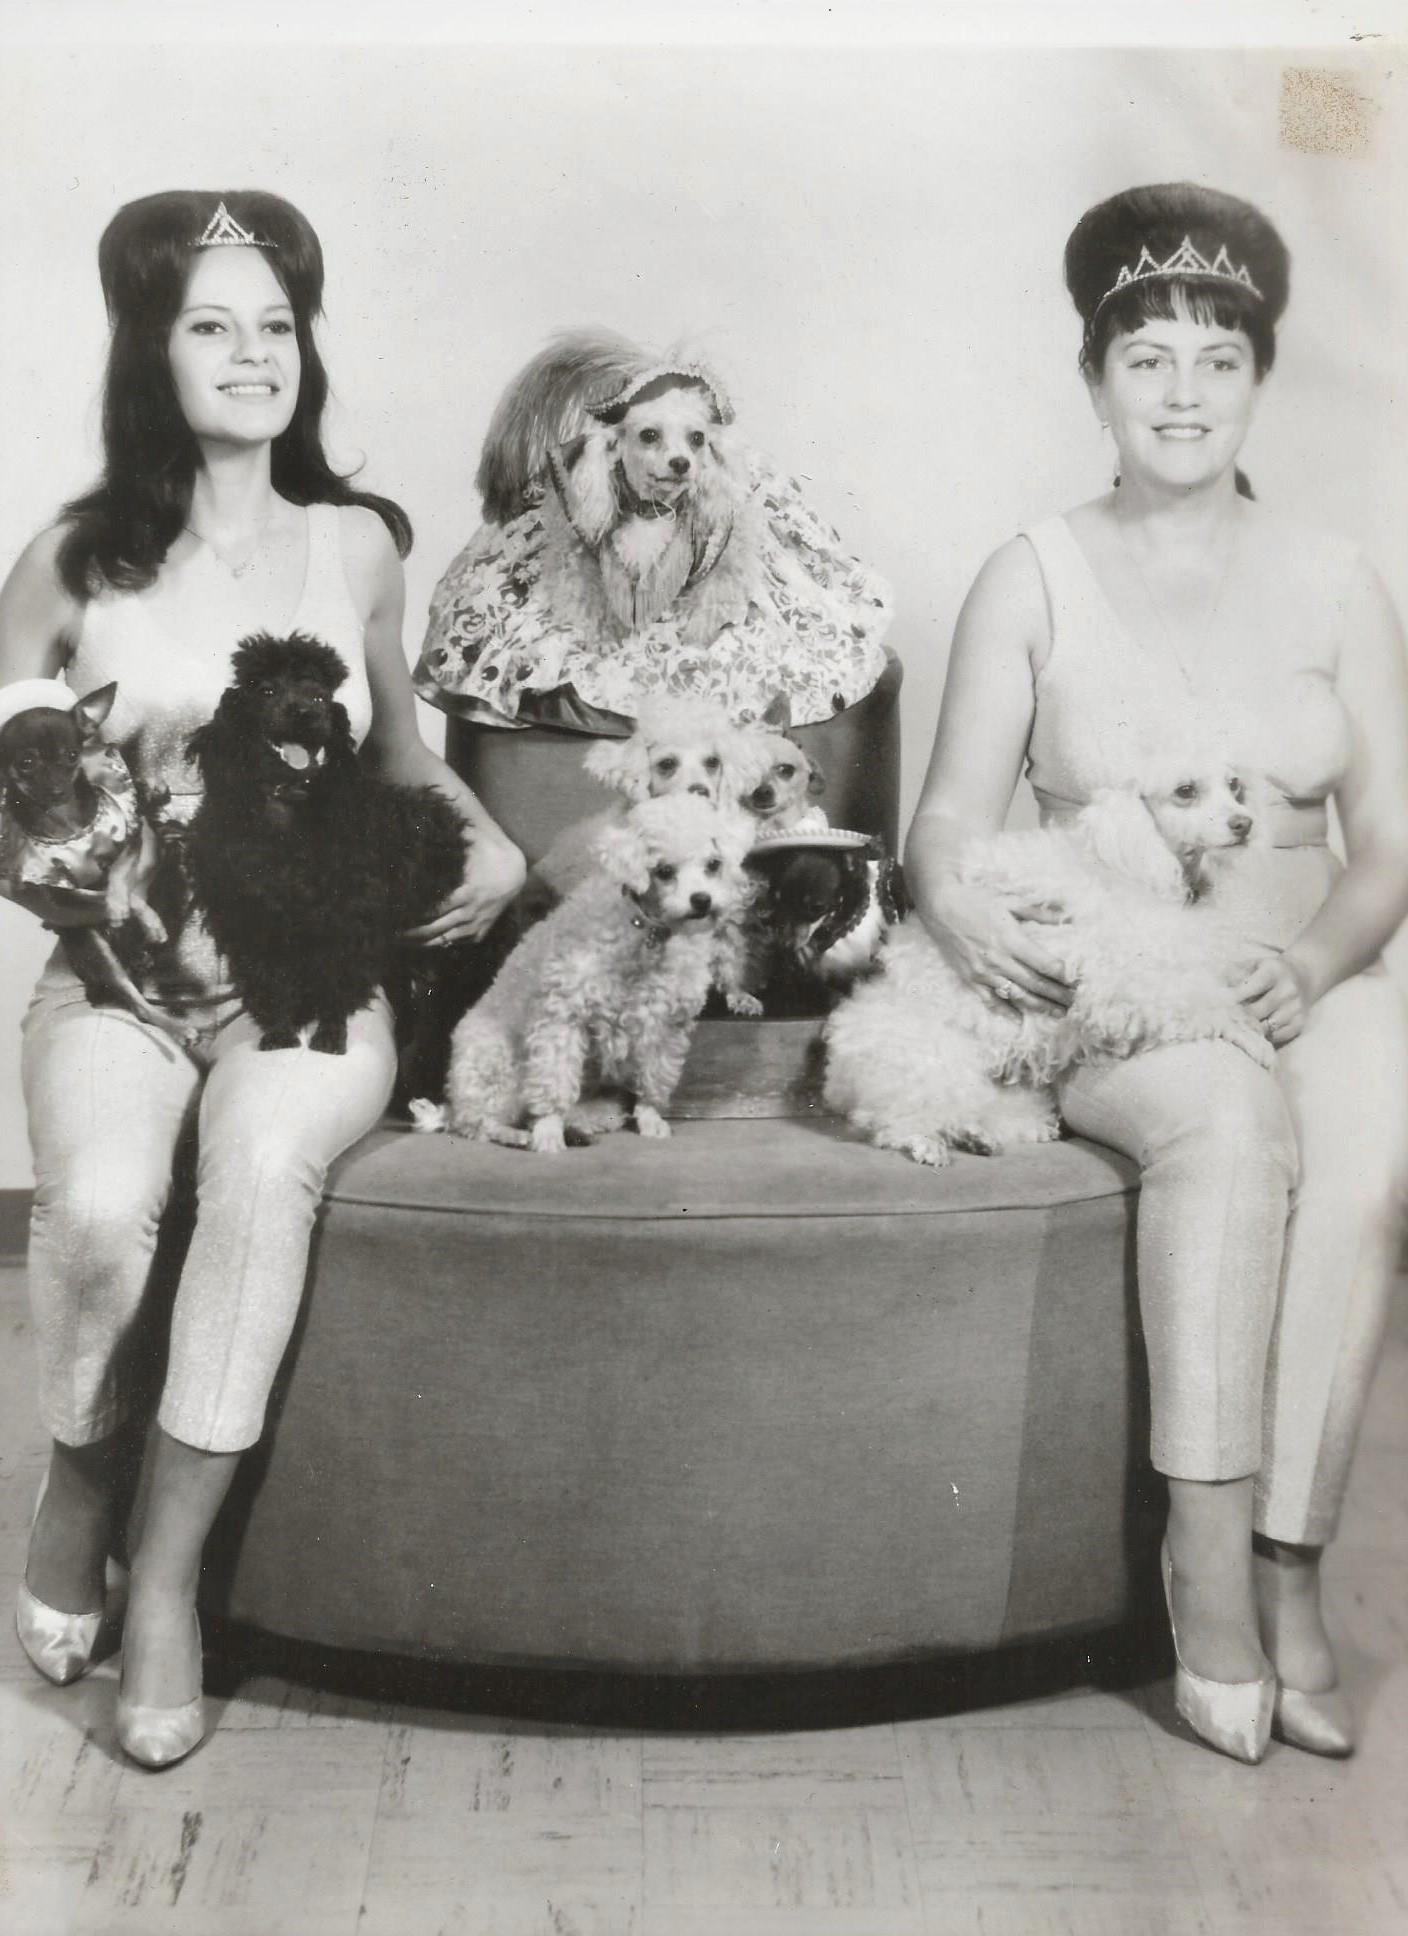 Toni Madison Wonder Dogs